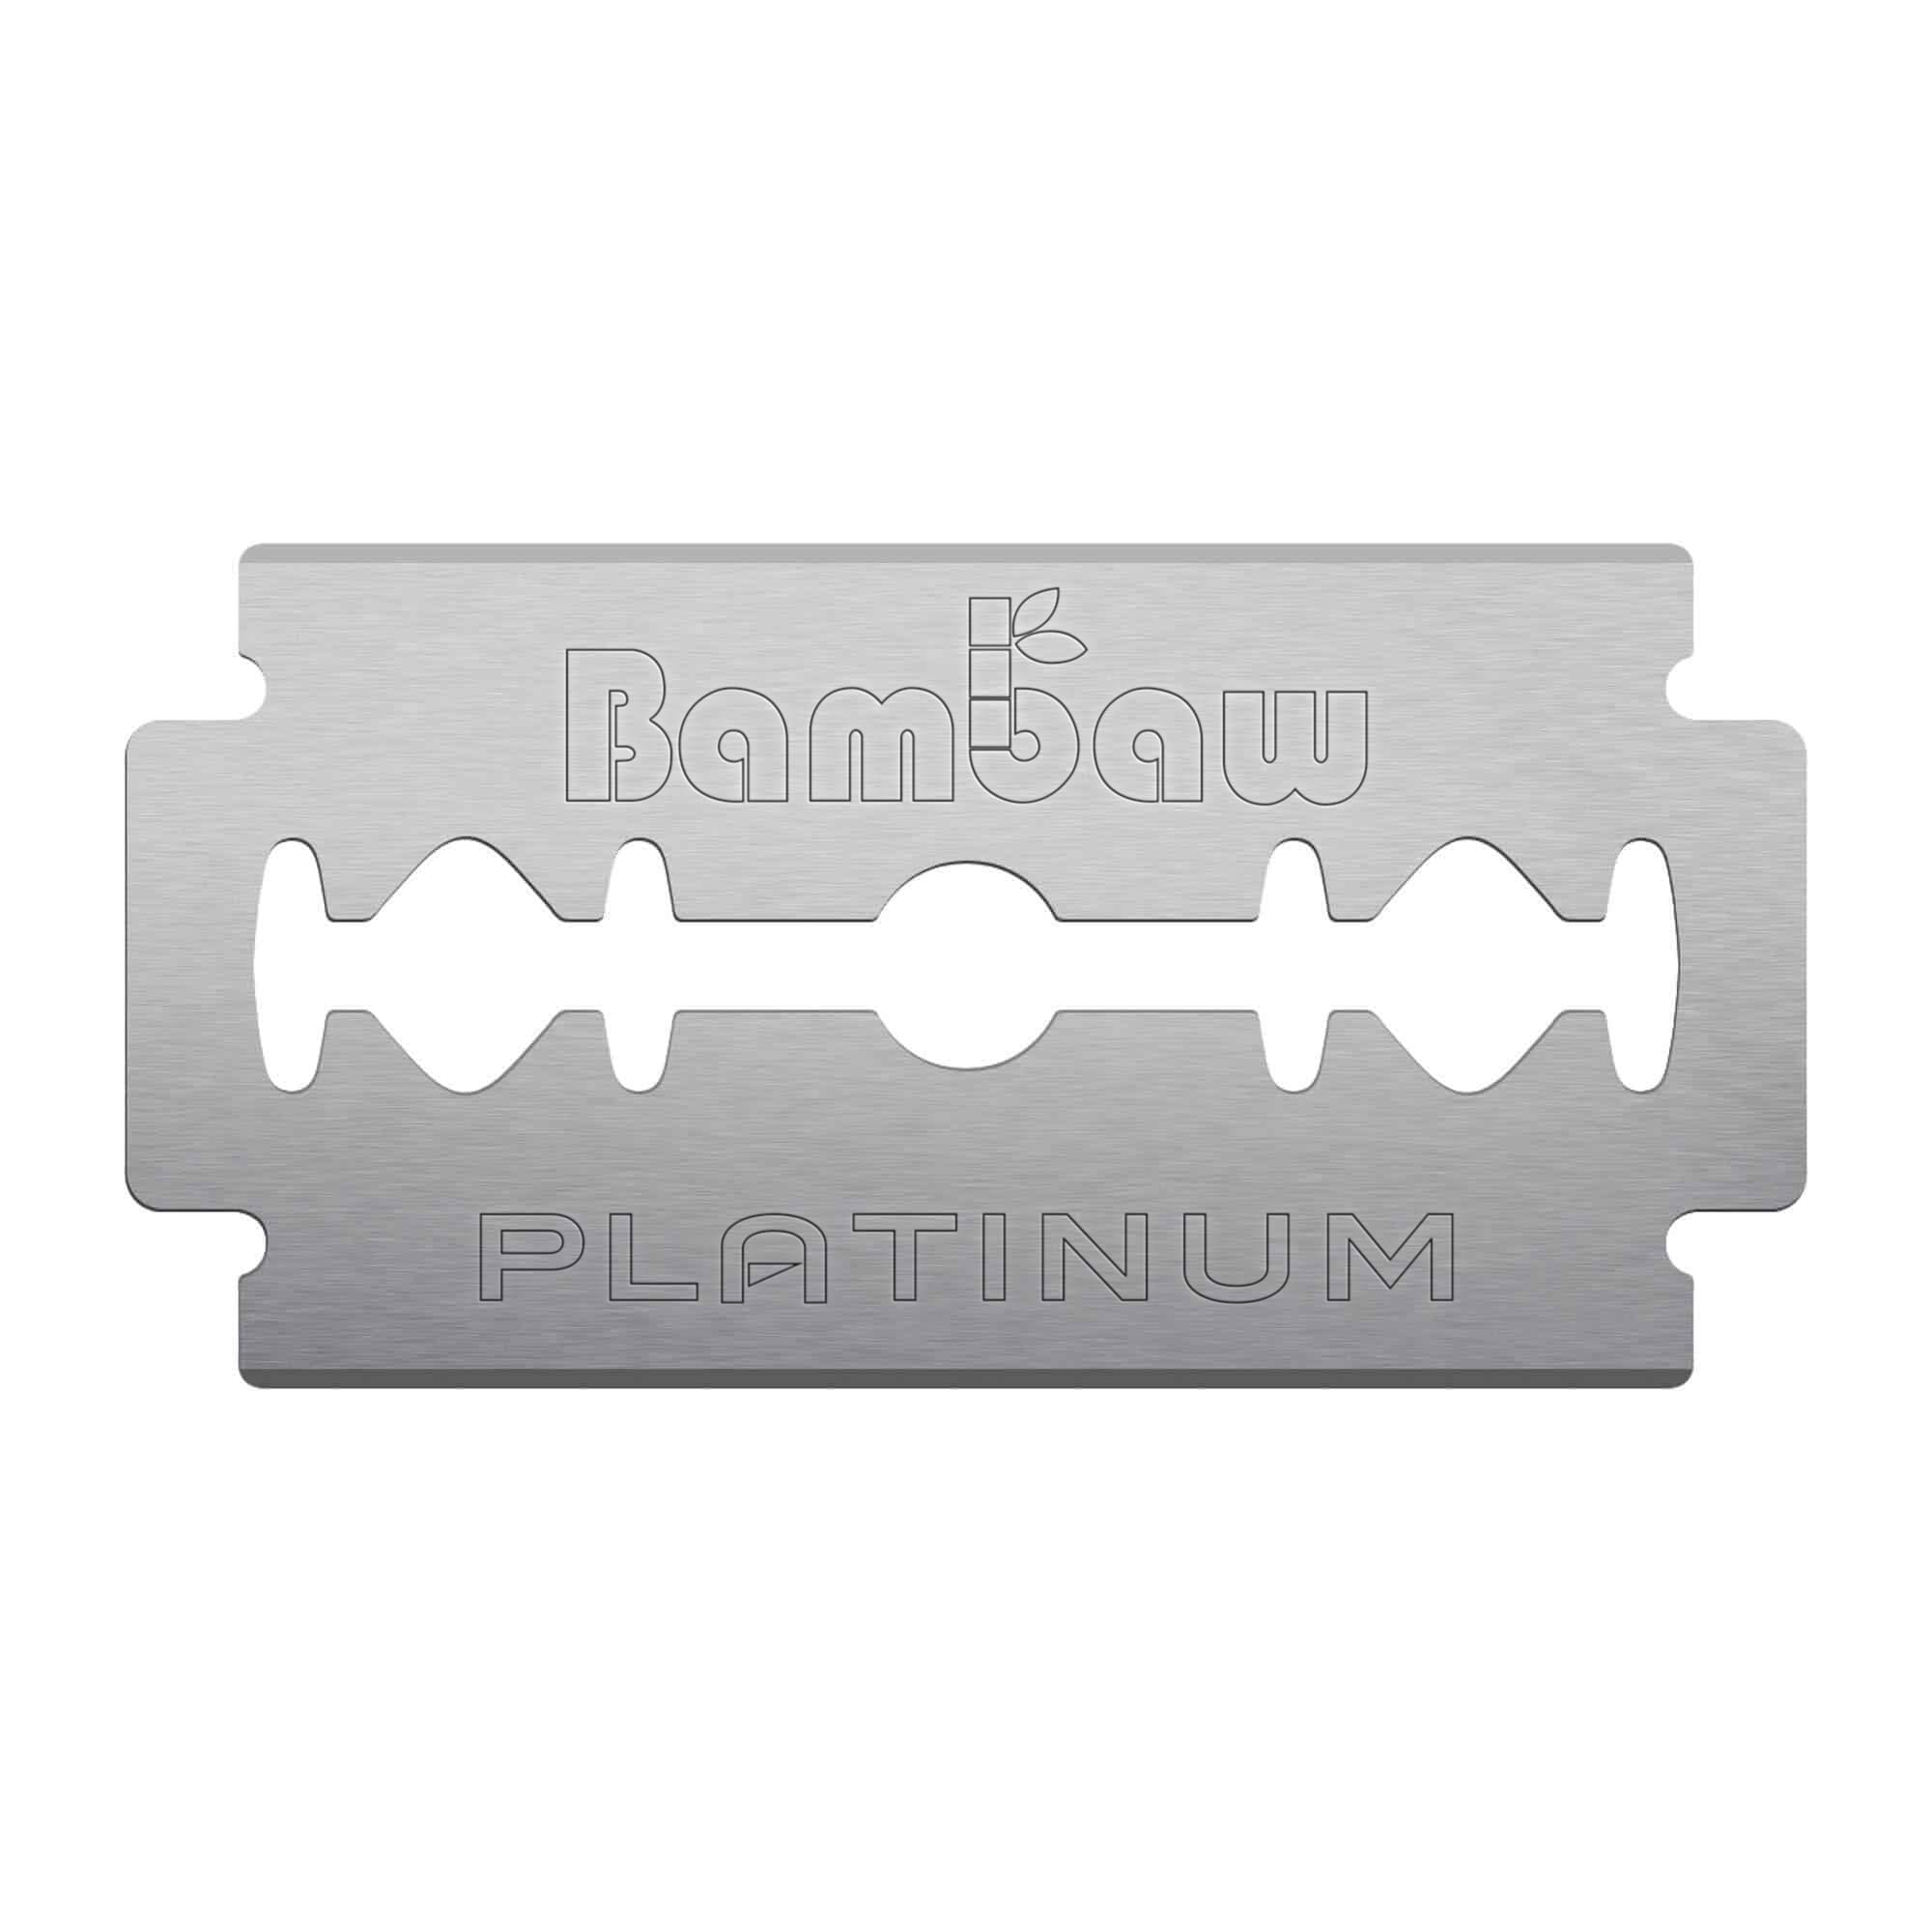 Bambaw Żyletki/Wkłady do maszynki 5 sztuk